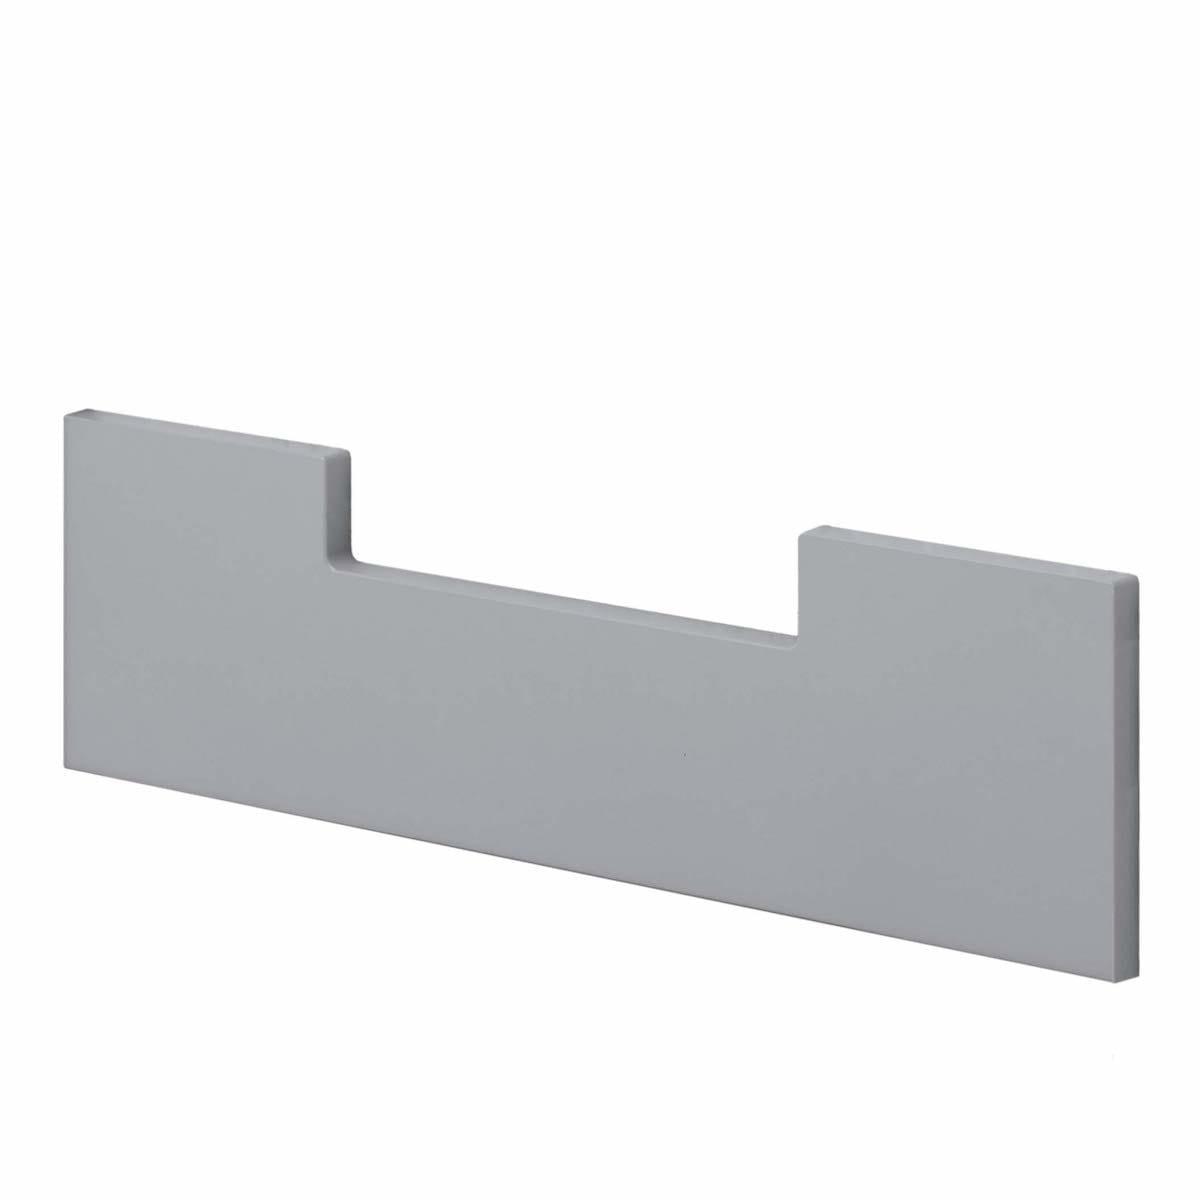 Barrière pour lit bébé 60x120cm Lifetime gris